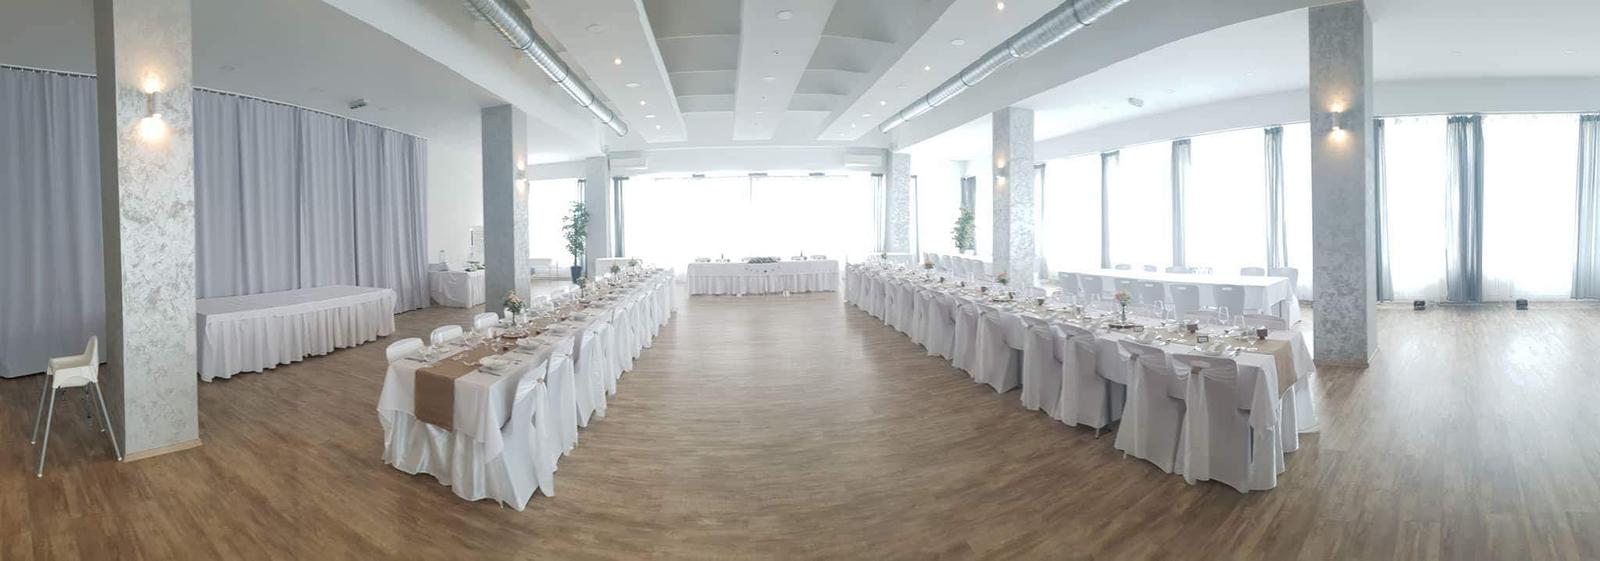 P&M prípravy - Sála na svadobnú hostinu